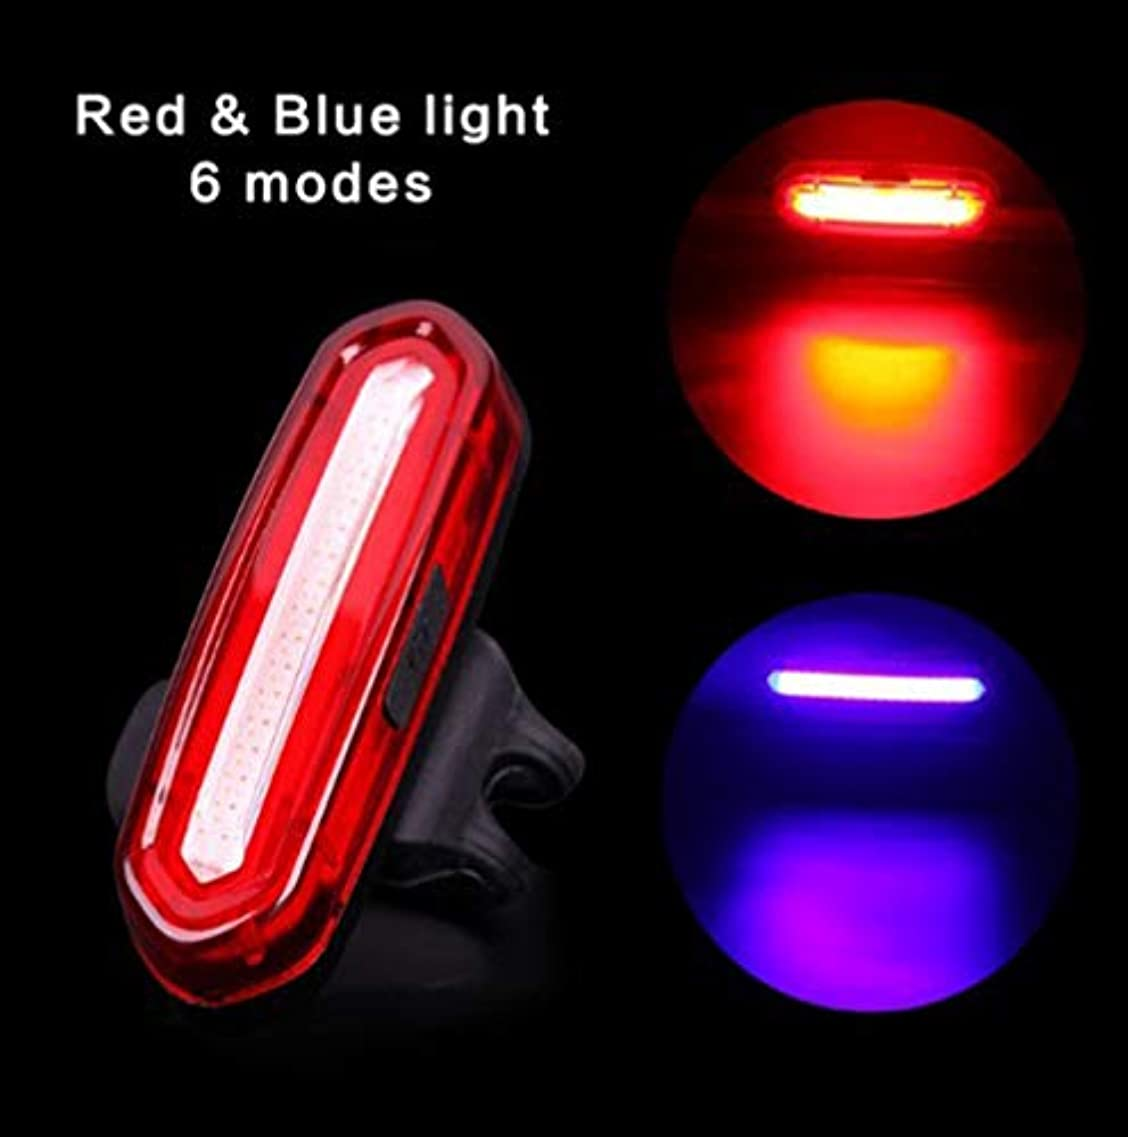 高層ビル締めるプレビスサイト充電式自転車ライト 自転車テールライト、自転車ライトUSB充電式リア自転車ライトクイックリリースマウンテンバイクテールライトスーパーブライトLED自転車ライト - サイクリング安全のための防水赤いテールライト (Color : Red+blue)